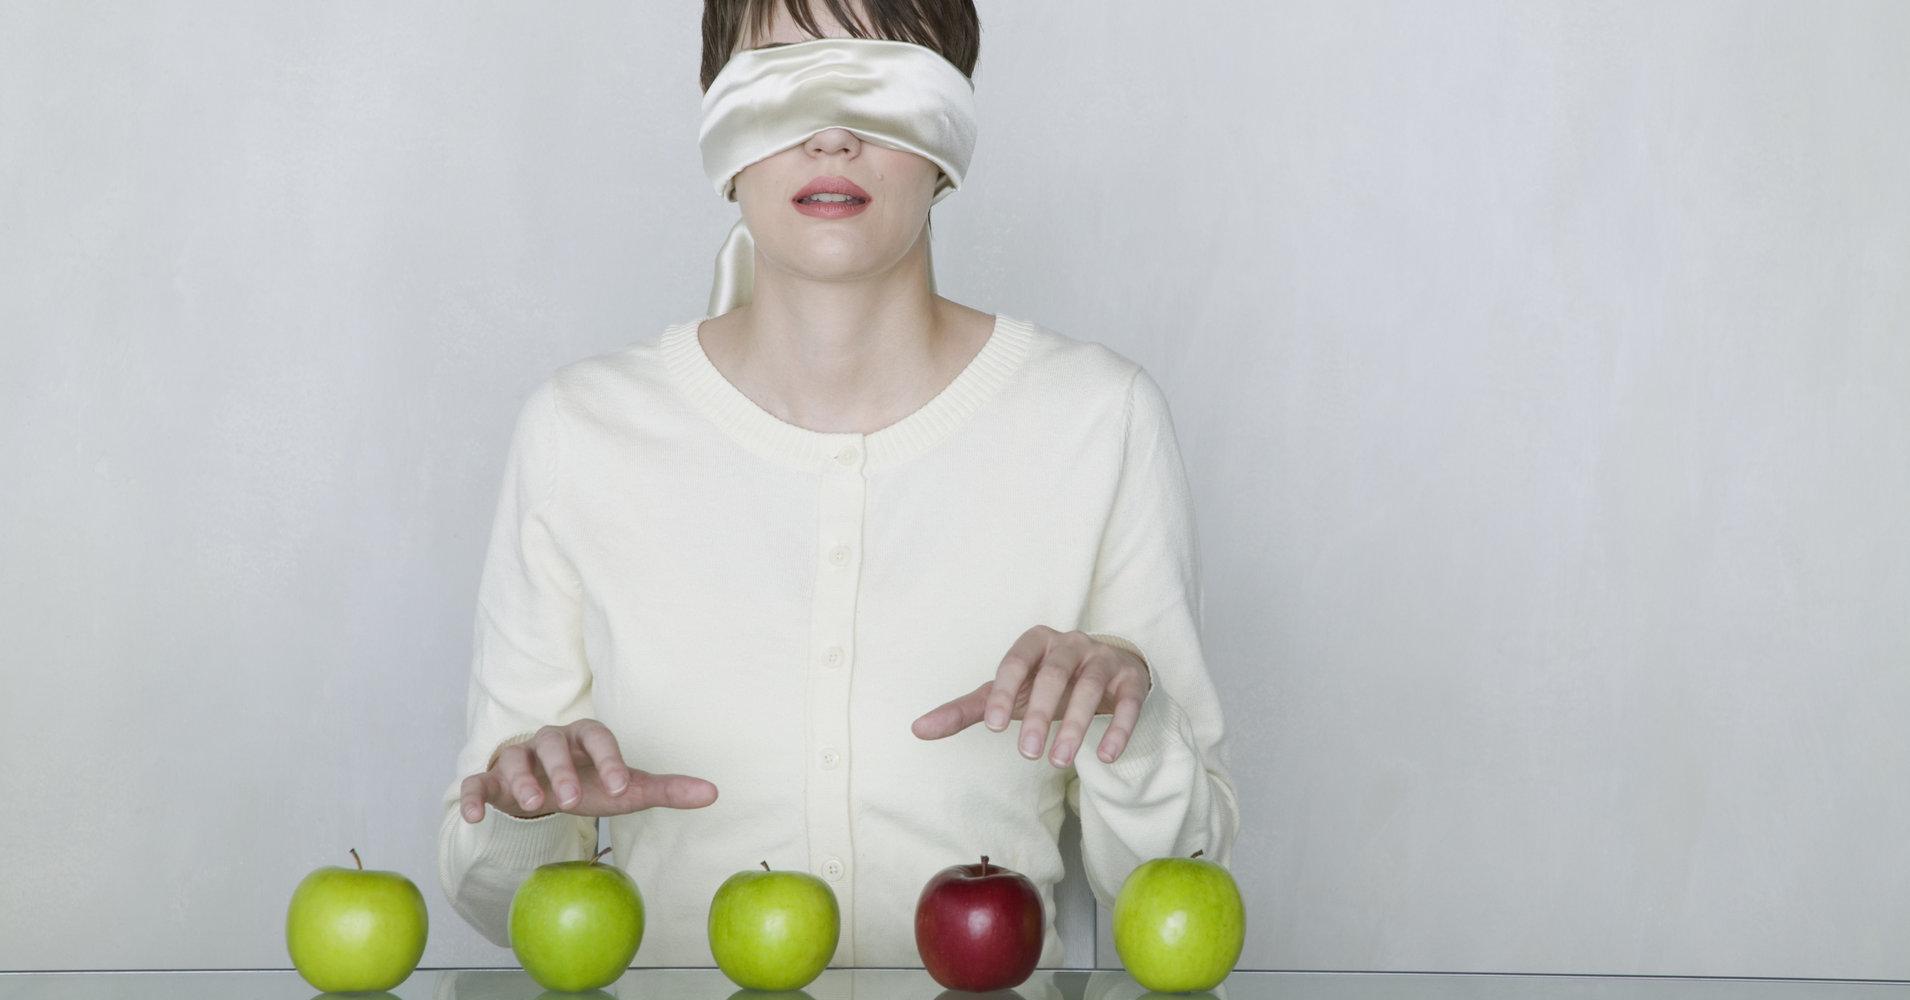 Научное обоснование шестого чувства – интуиции